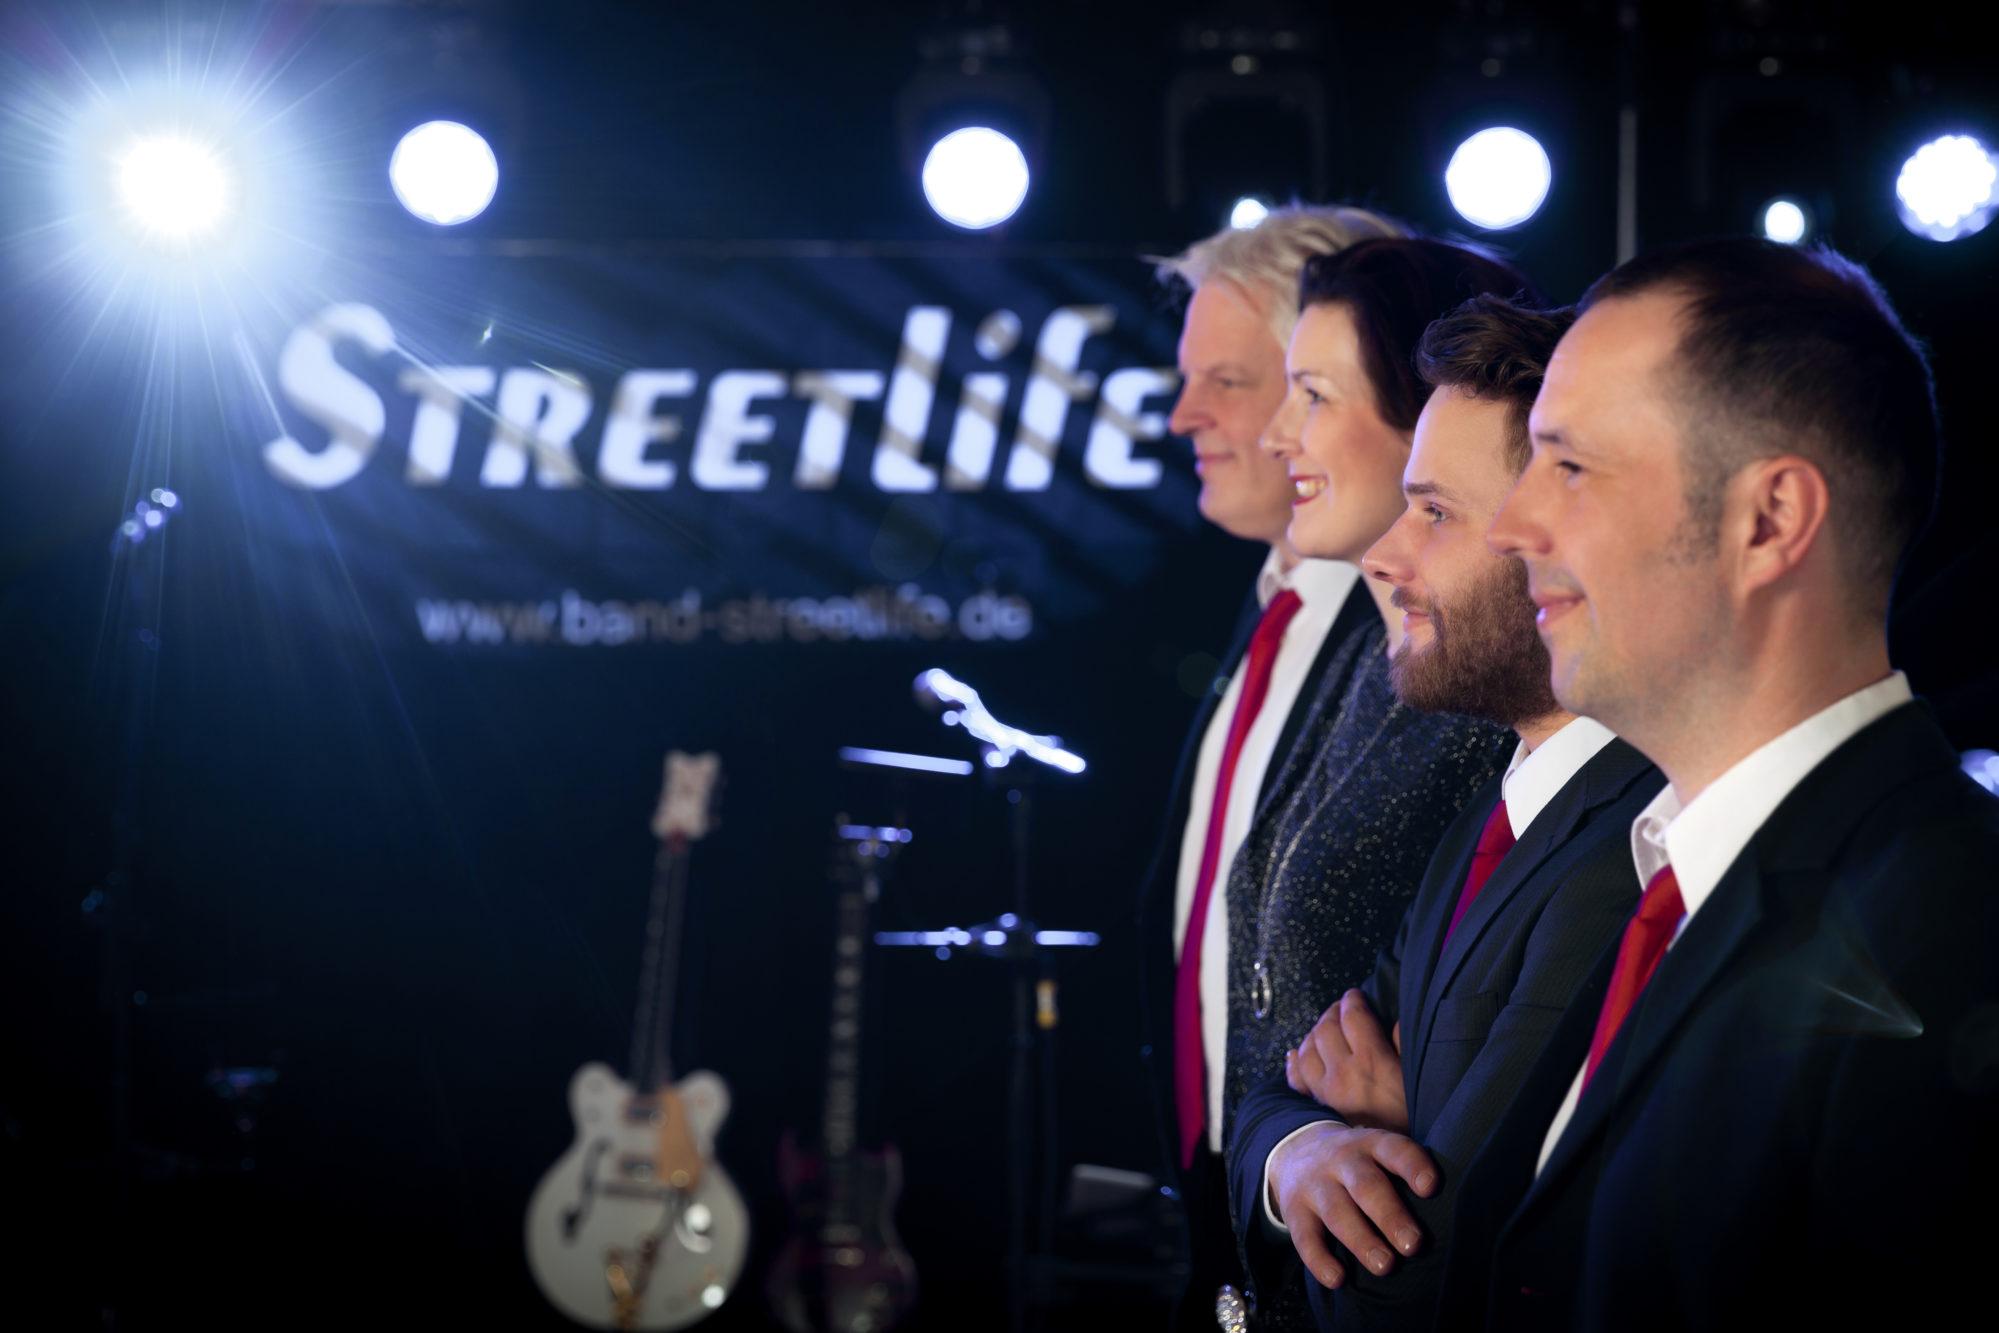 Band Streetlife